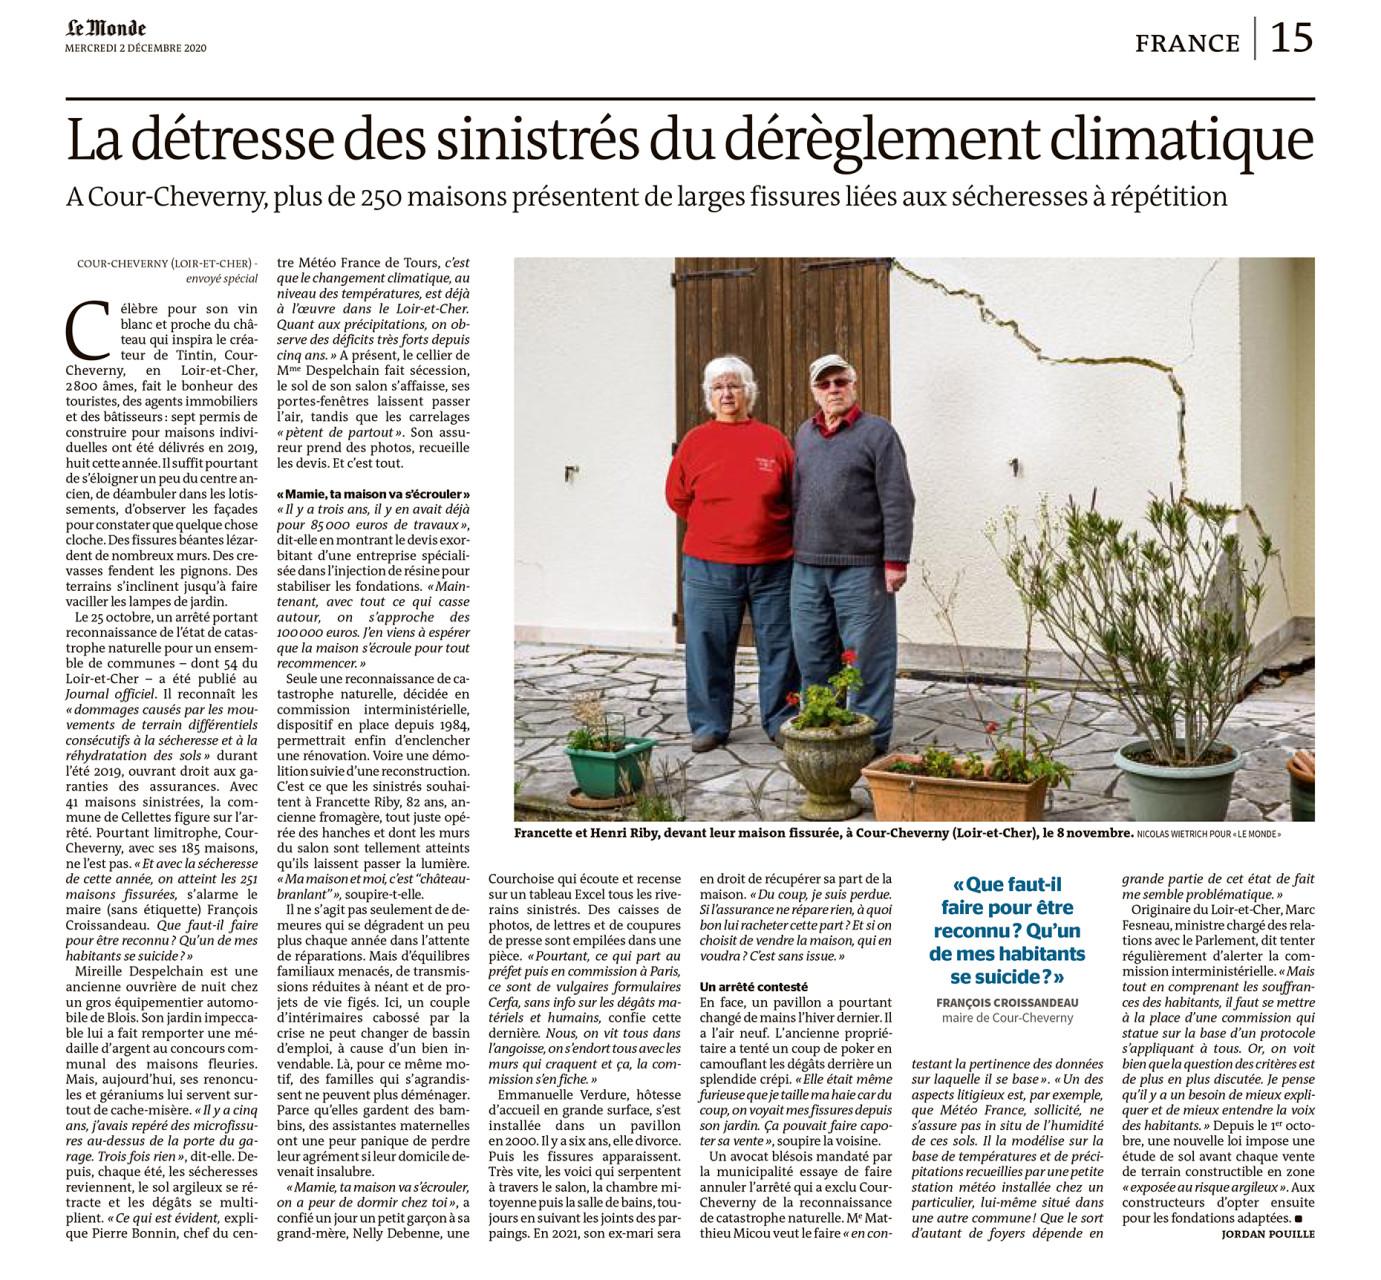 """Parution dans Le Monde du 01 décembre 2020 : Texte Jordan Pouille. Photo Nicolas Wietrich pour """"Le Monde""""."""